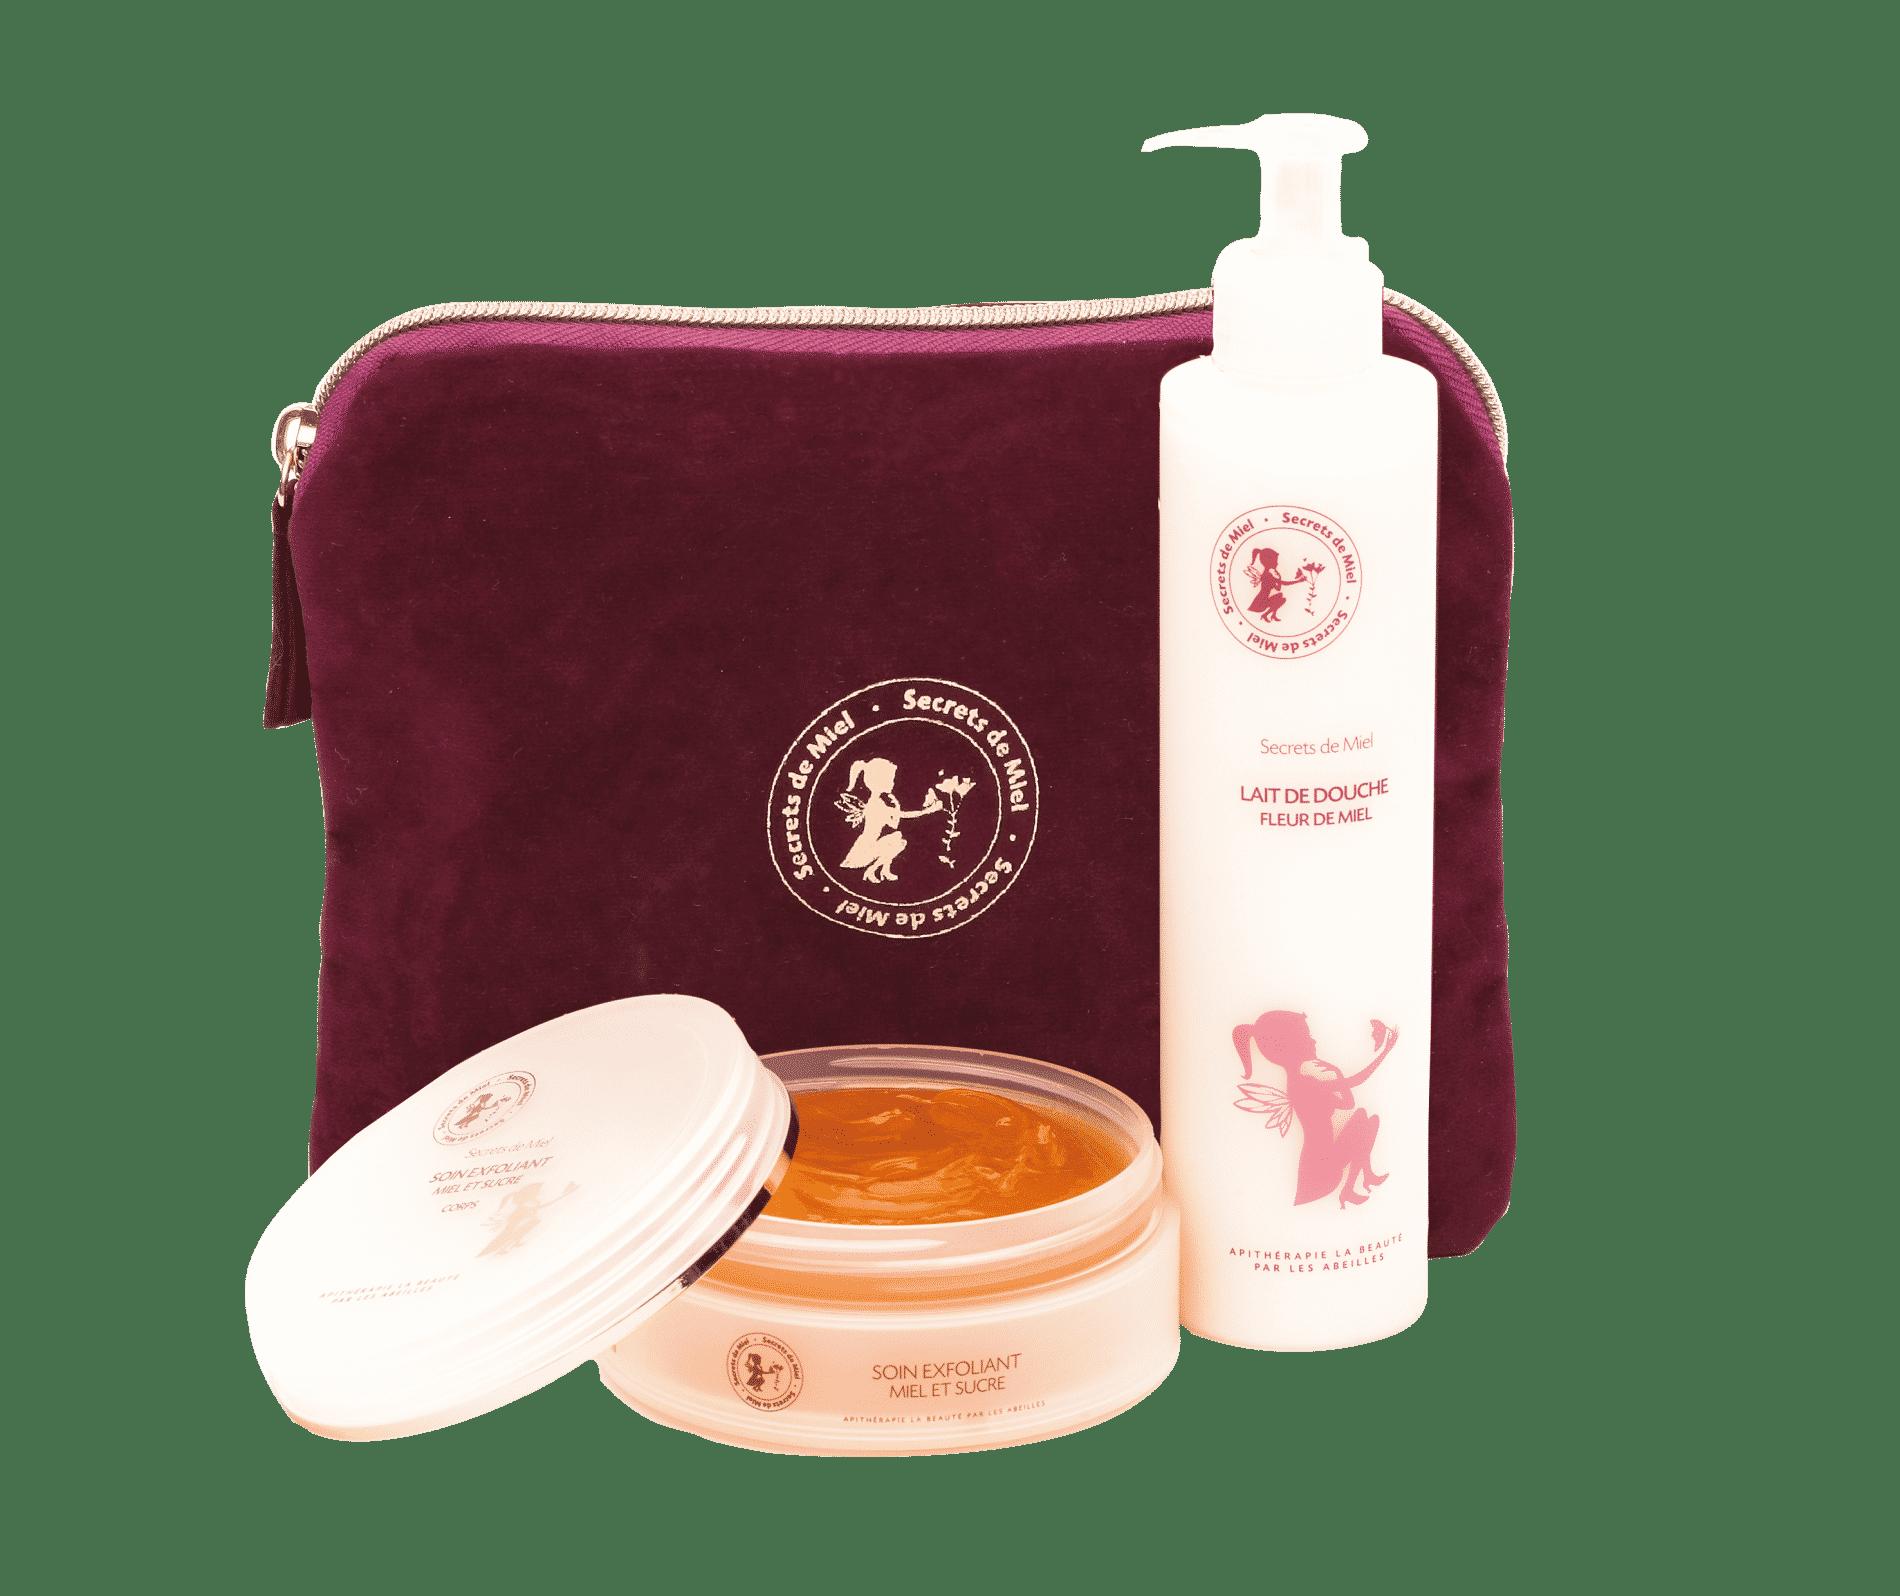 produits hydratants pour le corps - cocooning - cosmétiques naturels - Secretsd e Miel - made in France